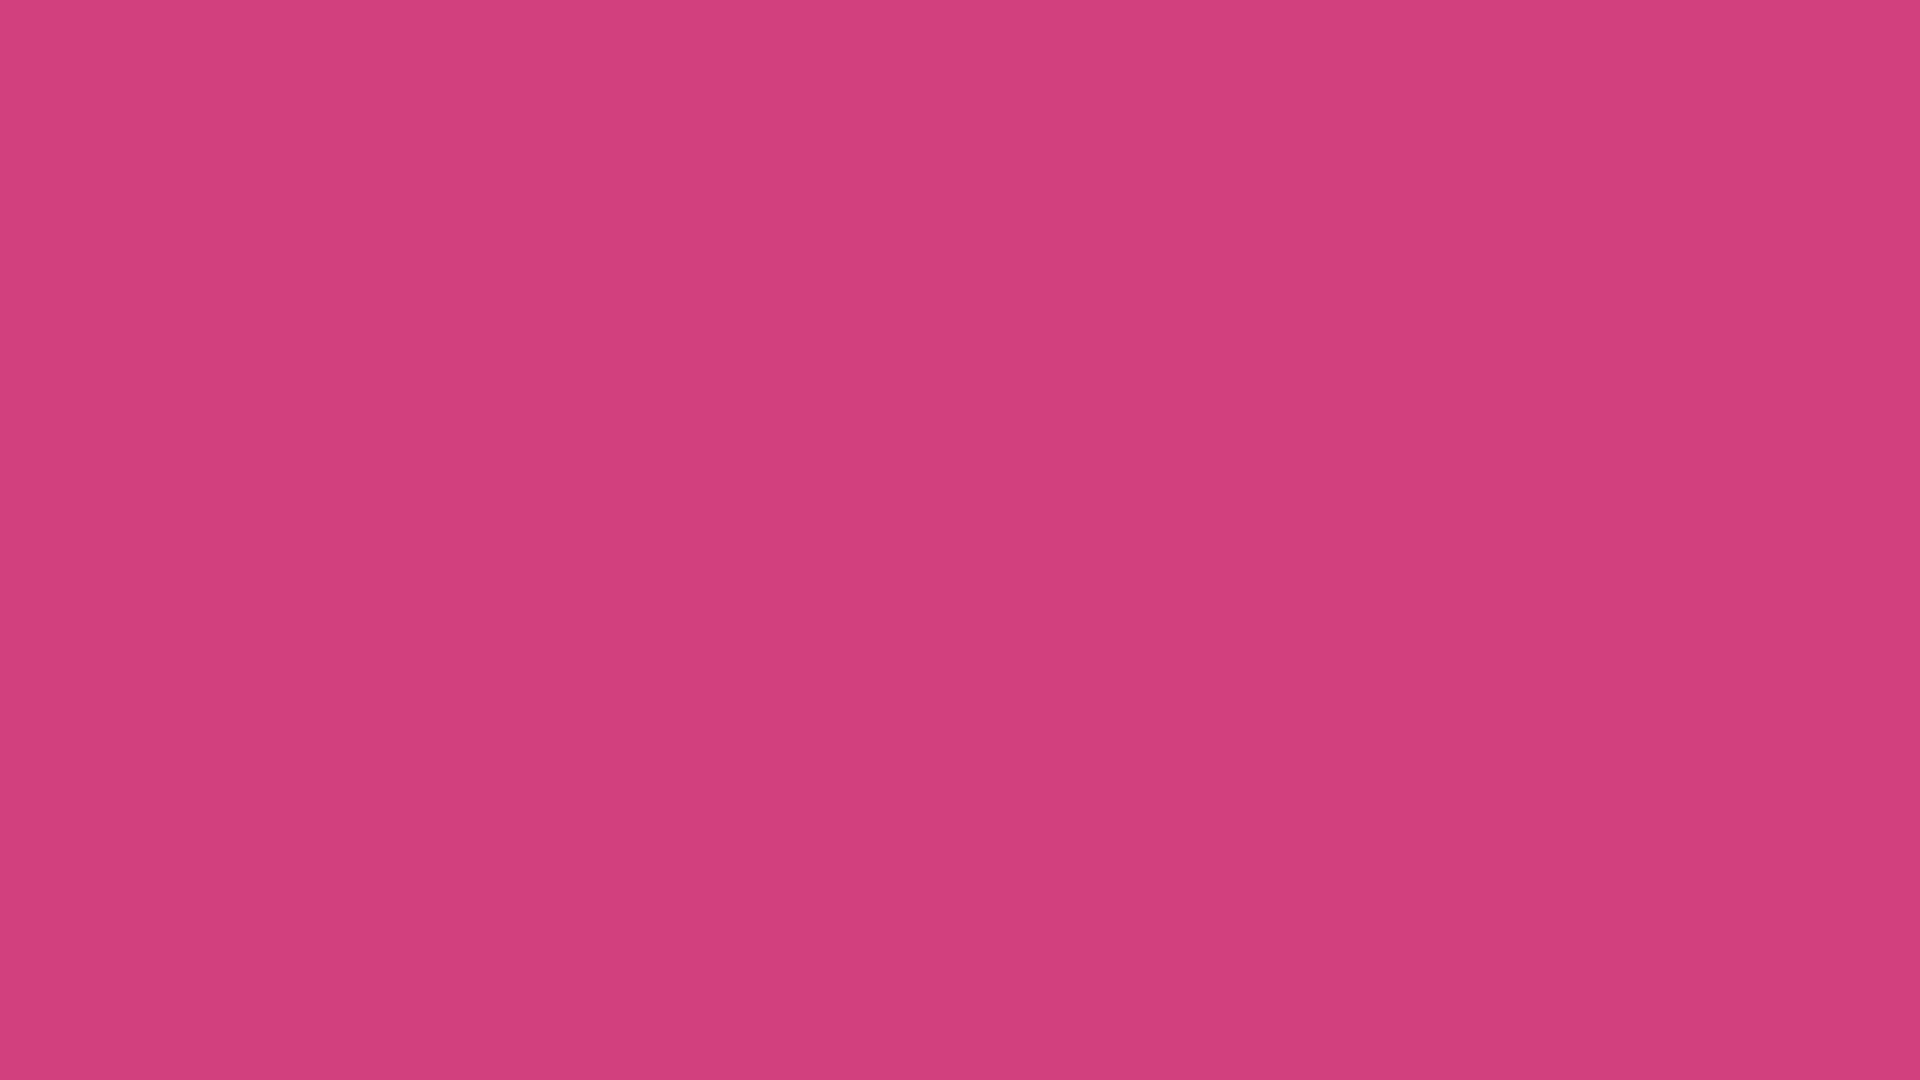 1920x1080 Magenta Pantone Solid Color Background